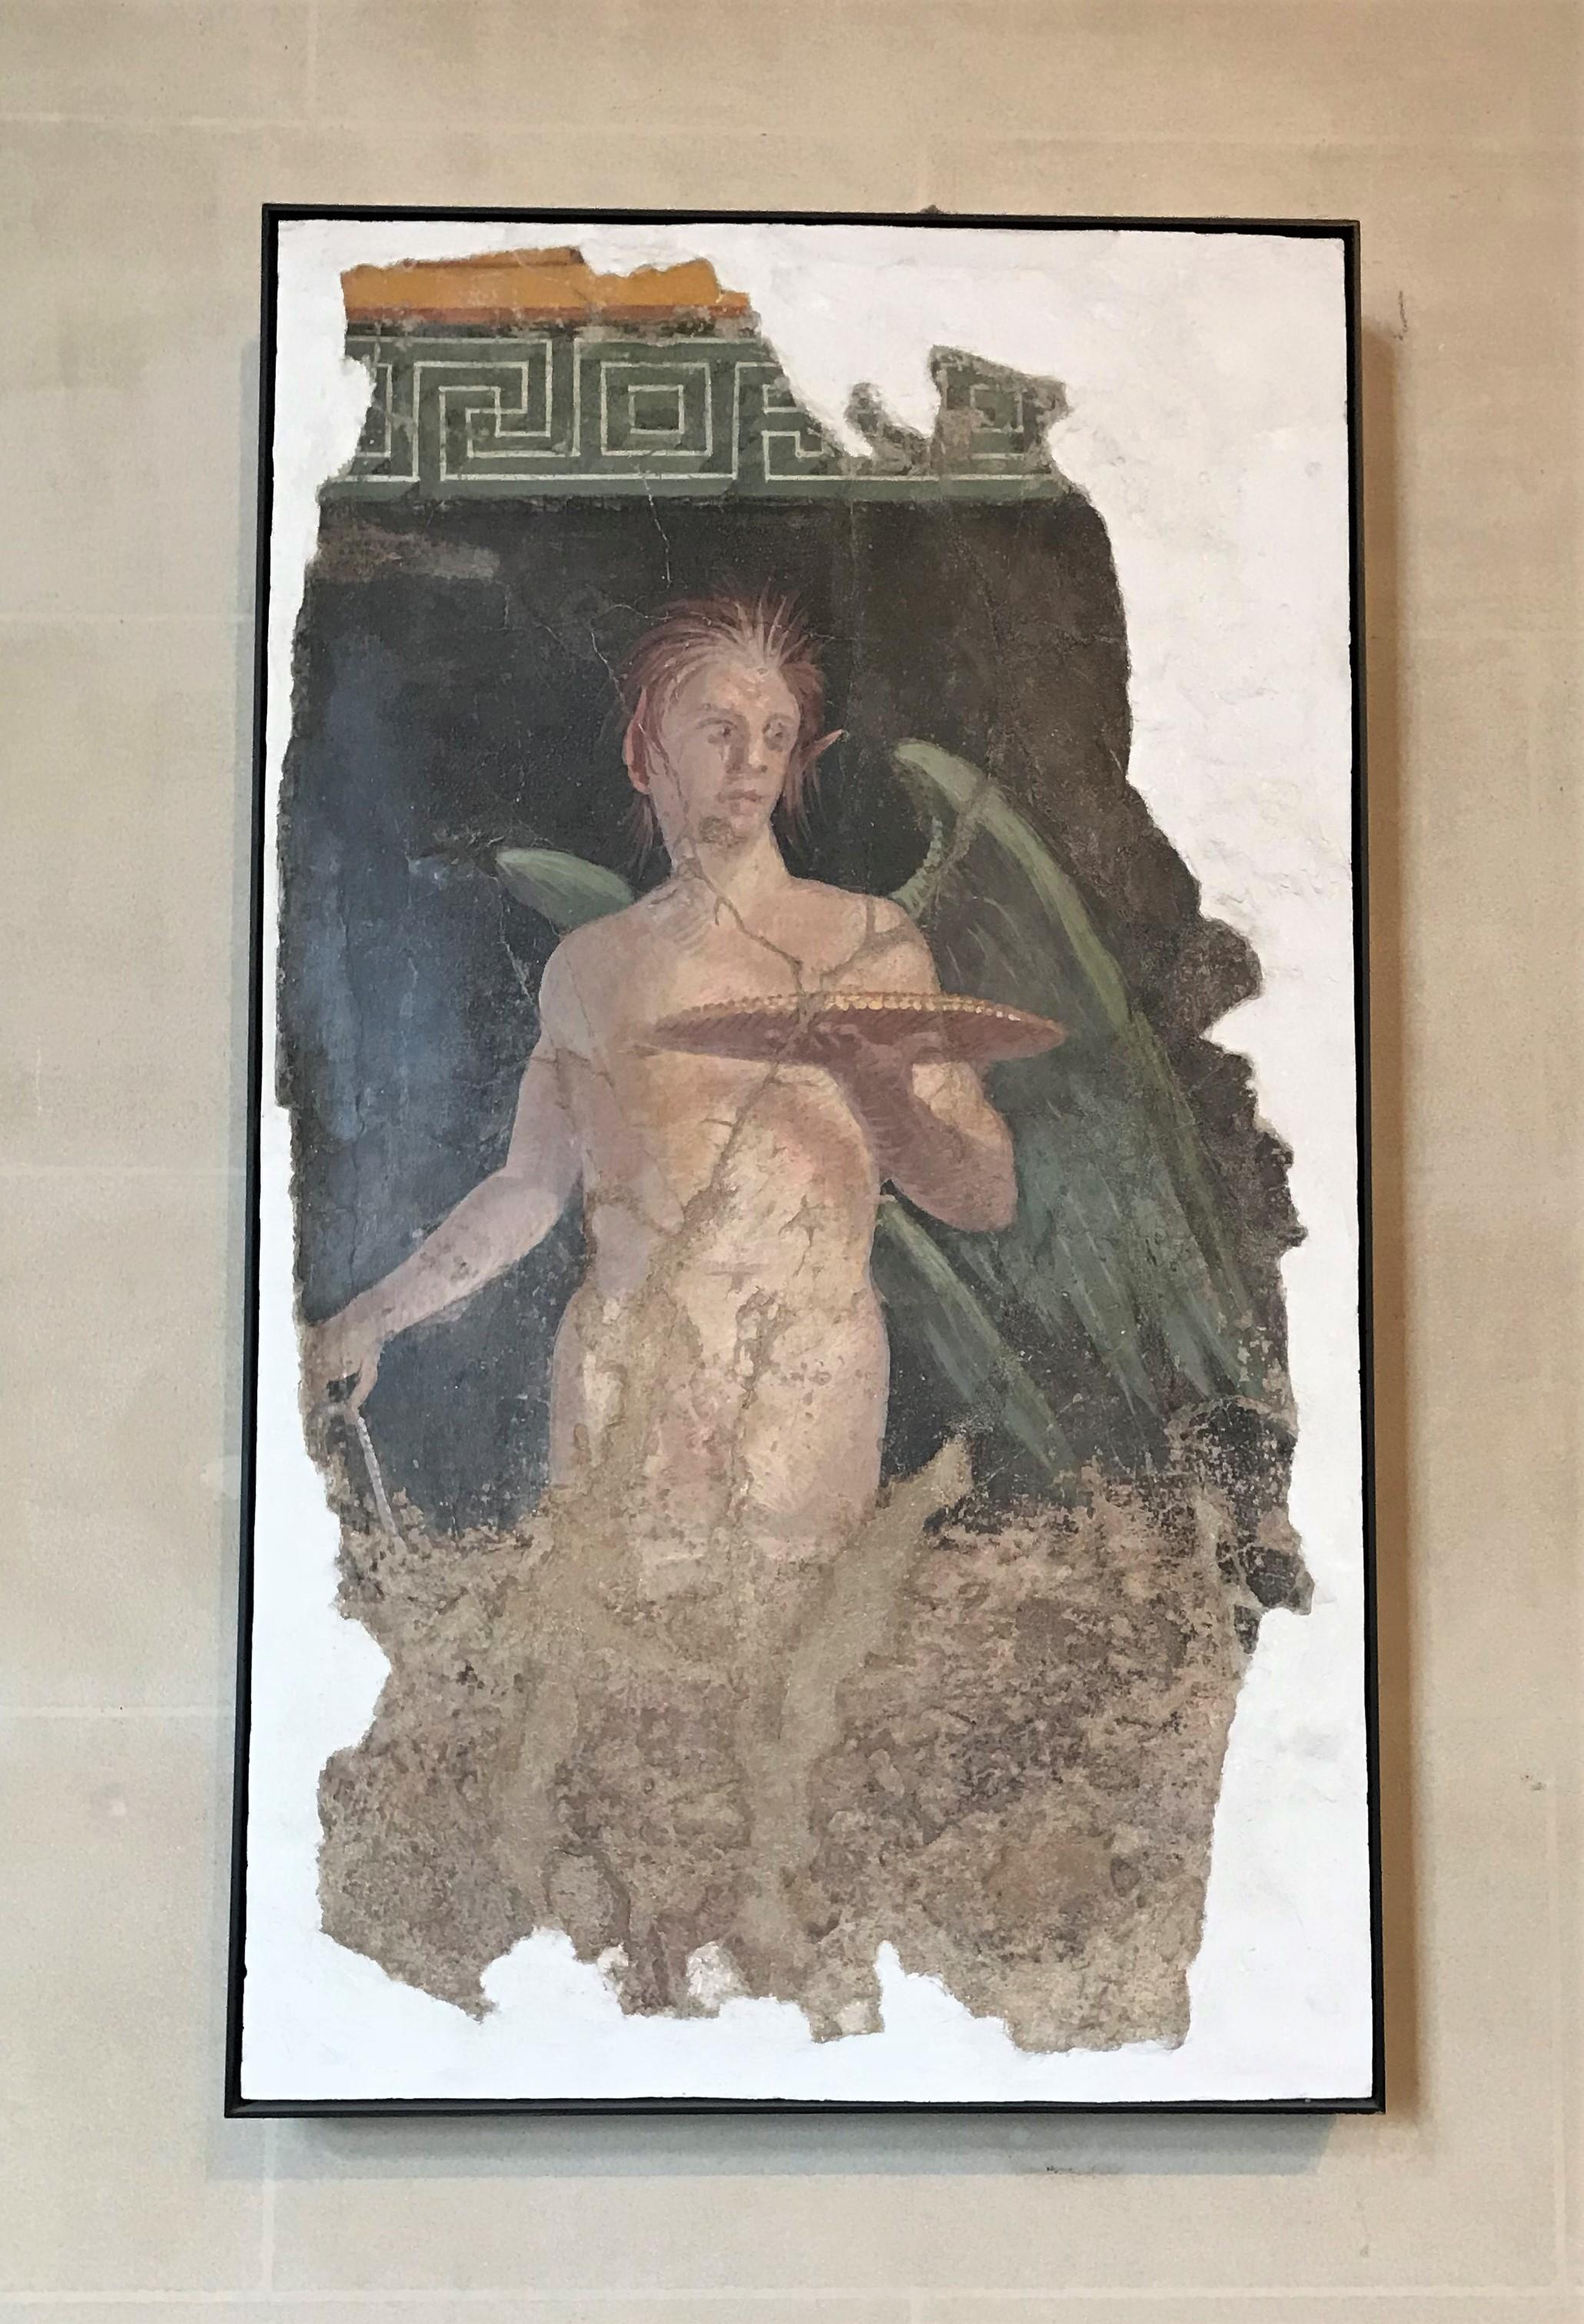 羅浮宮館藏之水溶性蠟彩古蹟